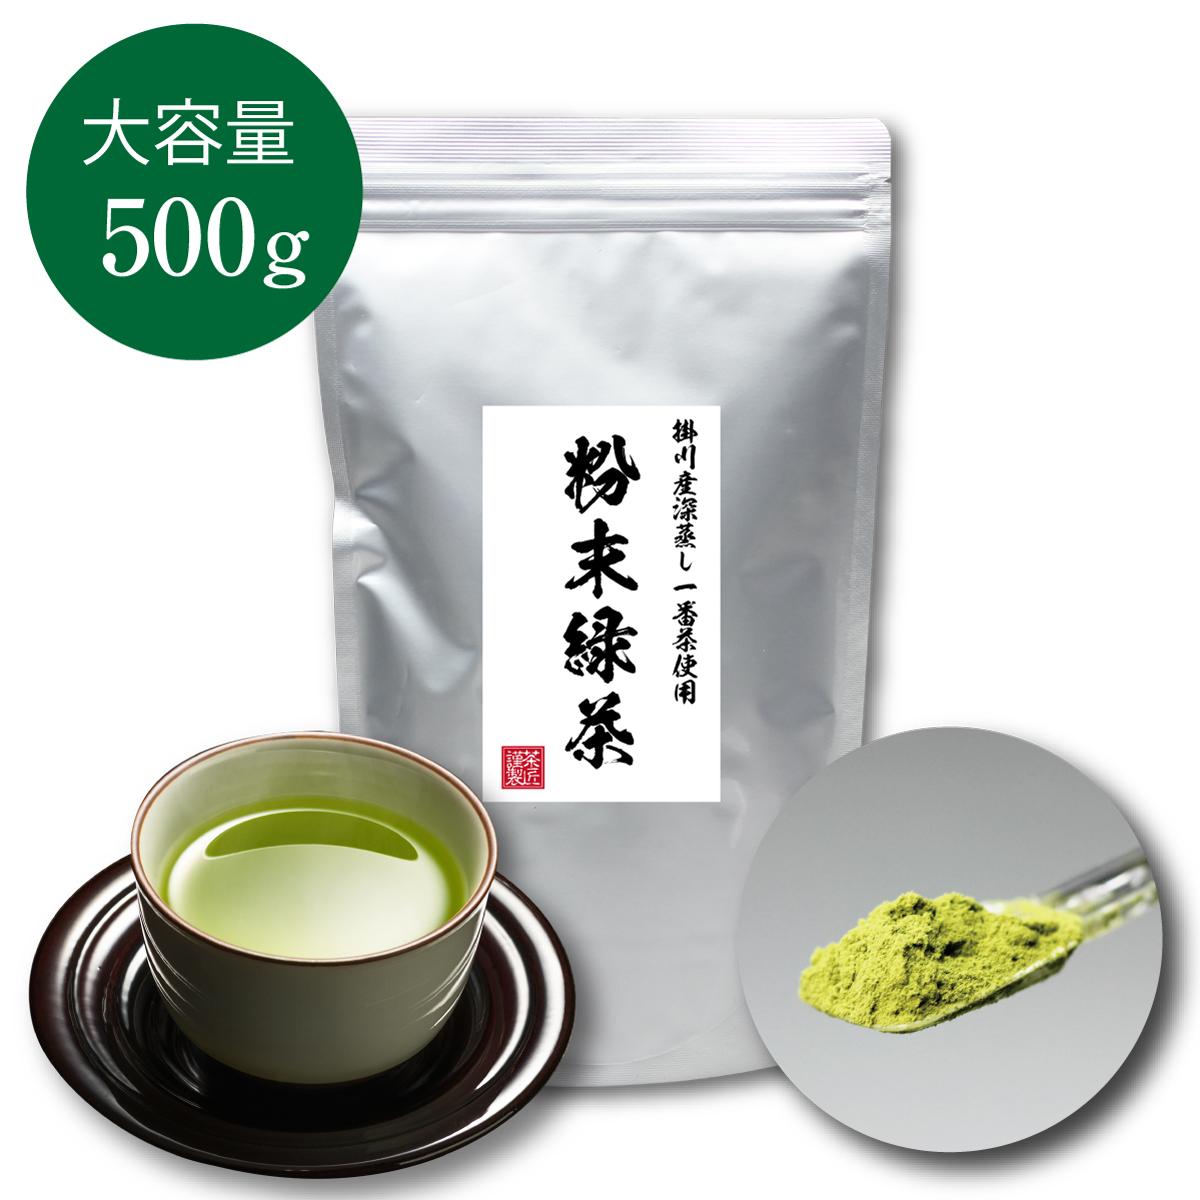 【送料無料】業務用粉末緑茶(500g入)